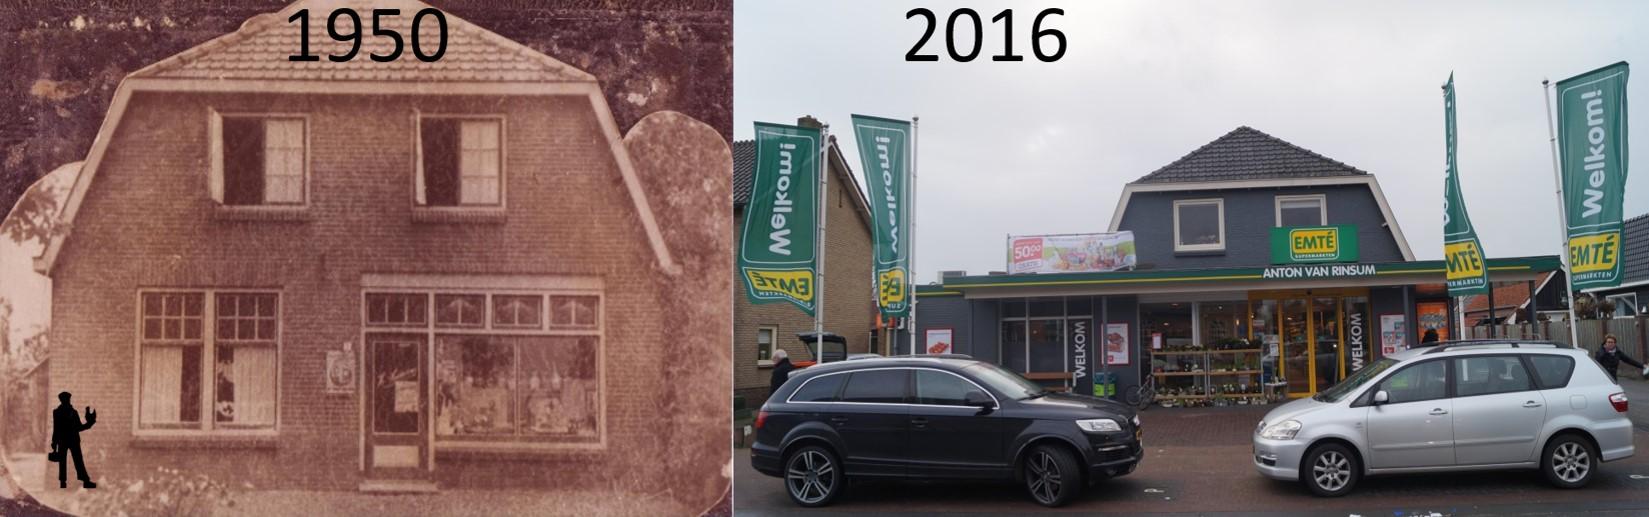 schras-1950-2016